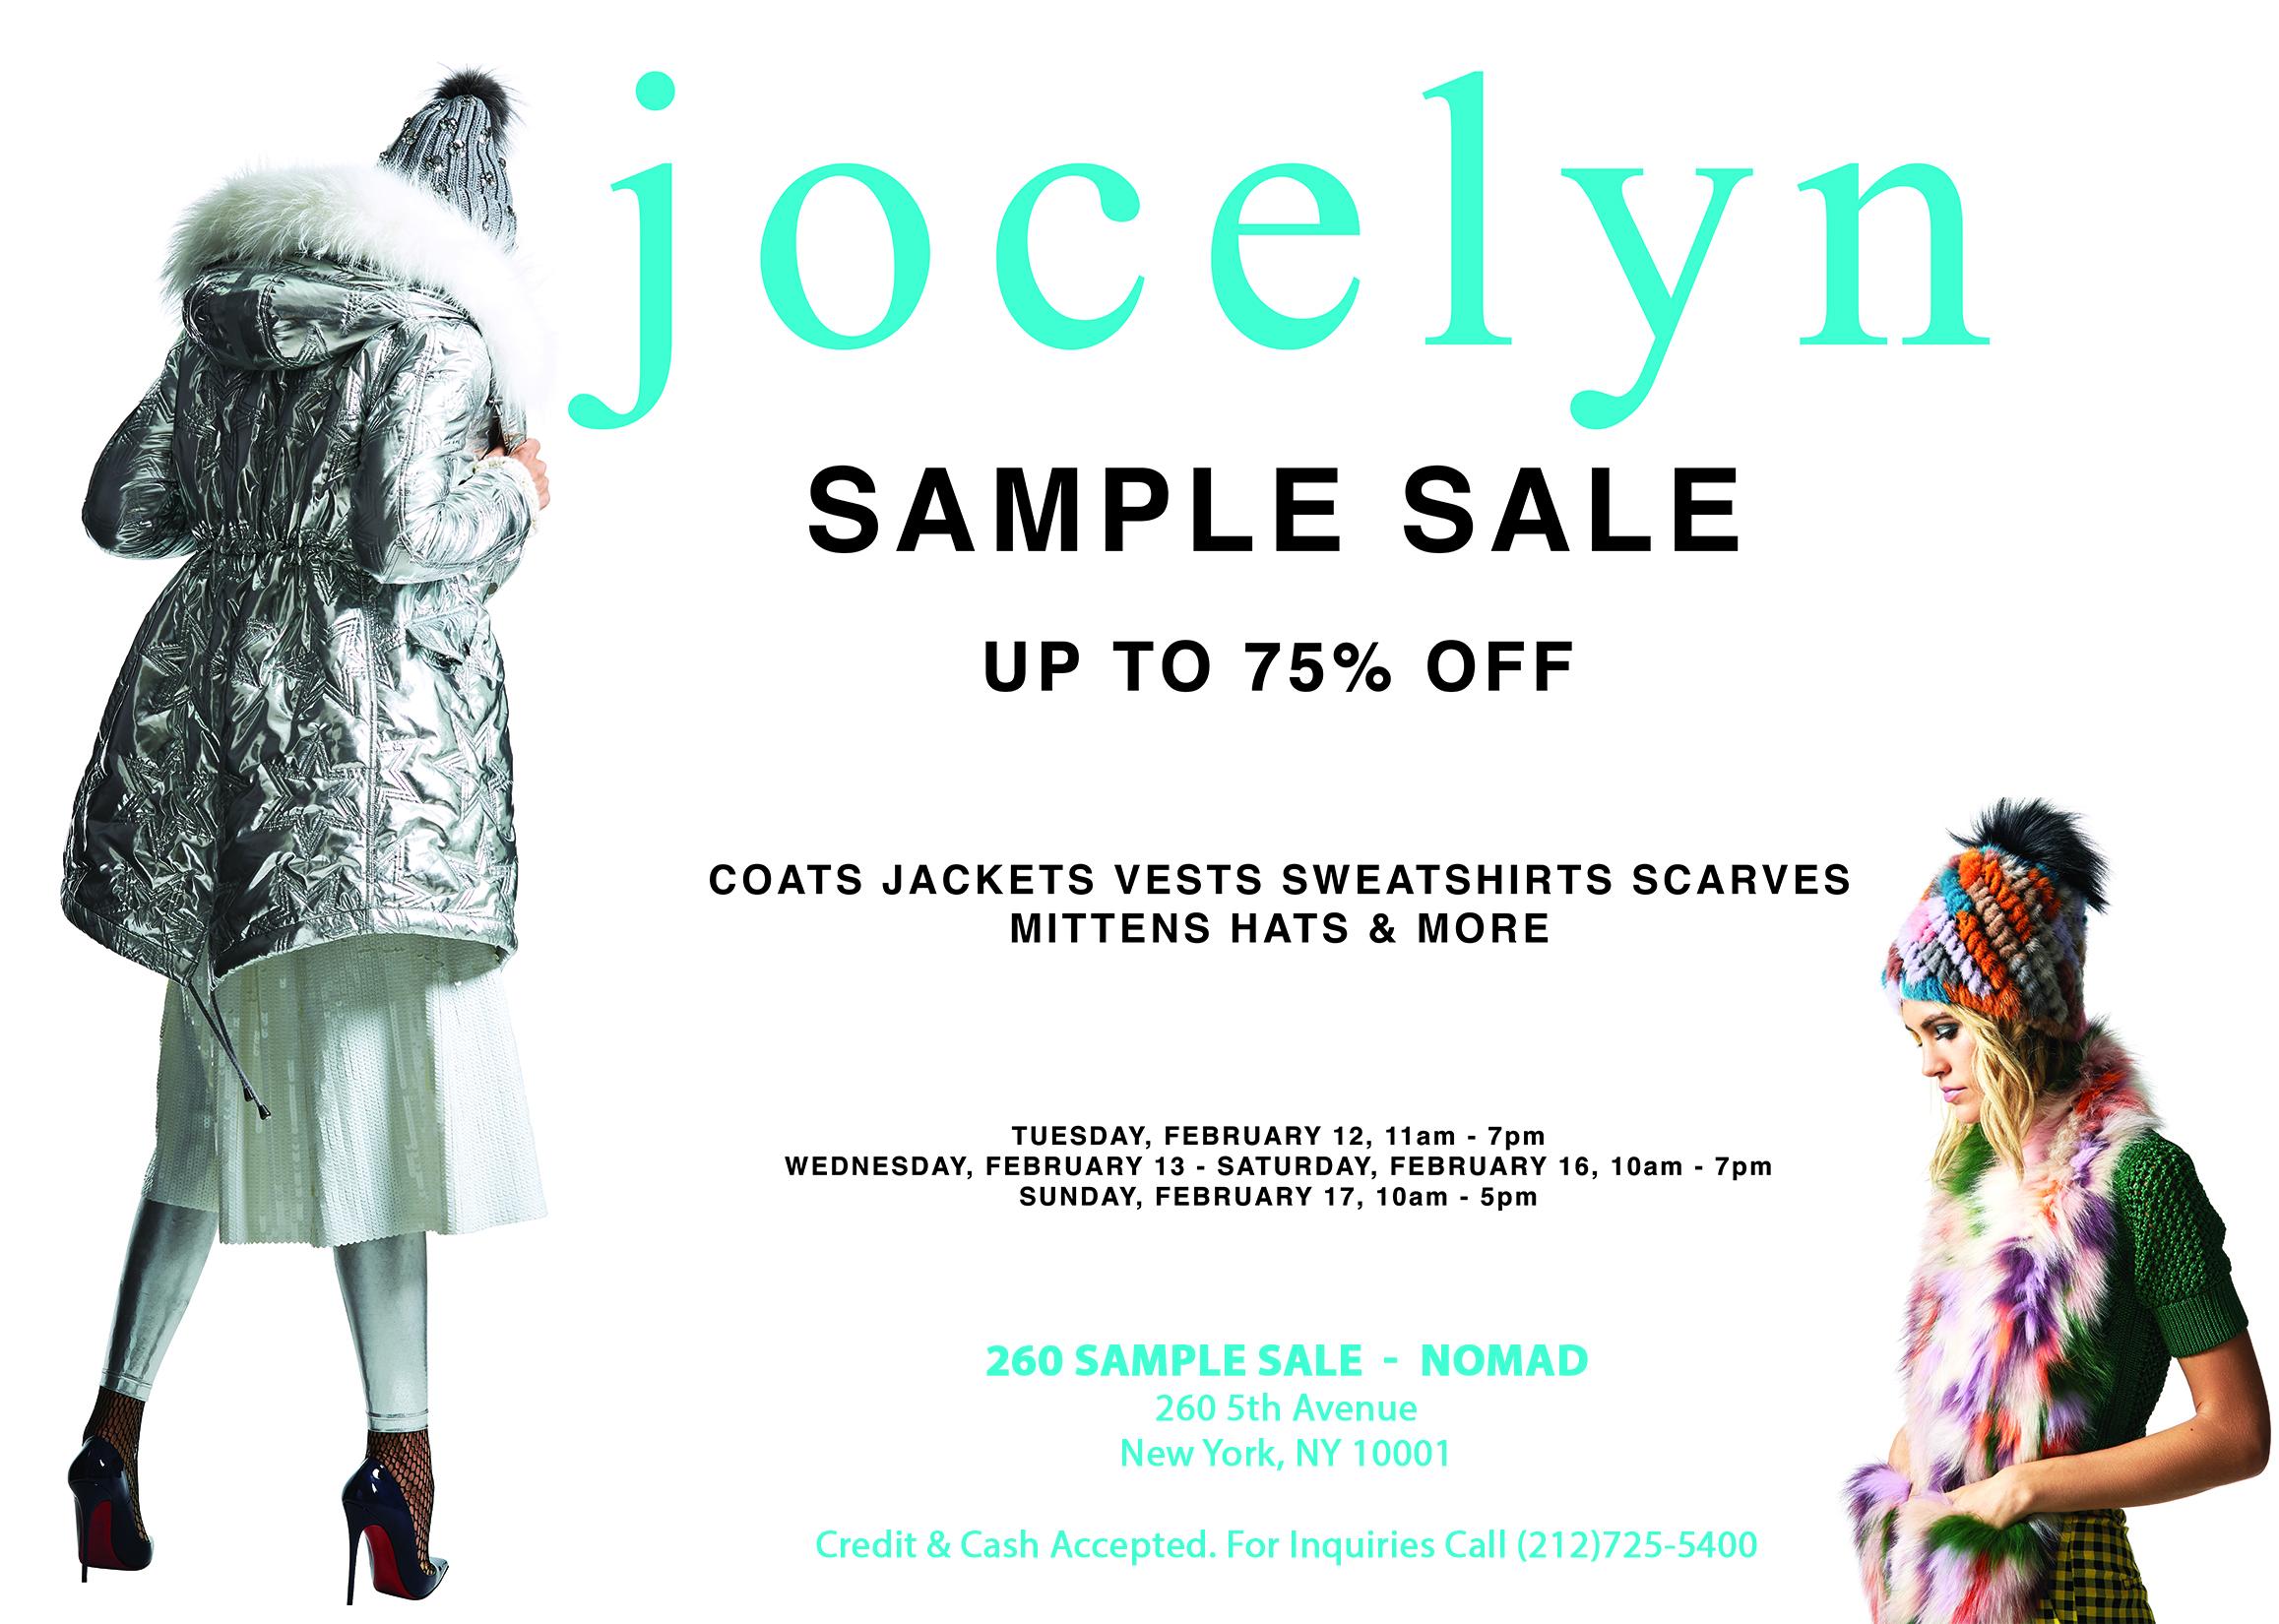 f15dcef31a Jocelyn Sample Sale   GPFlyer.jpg